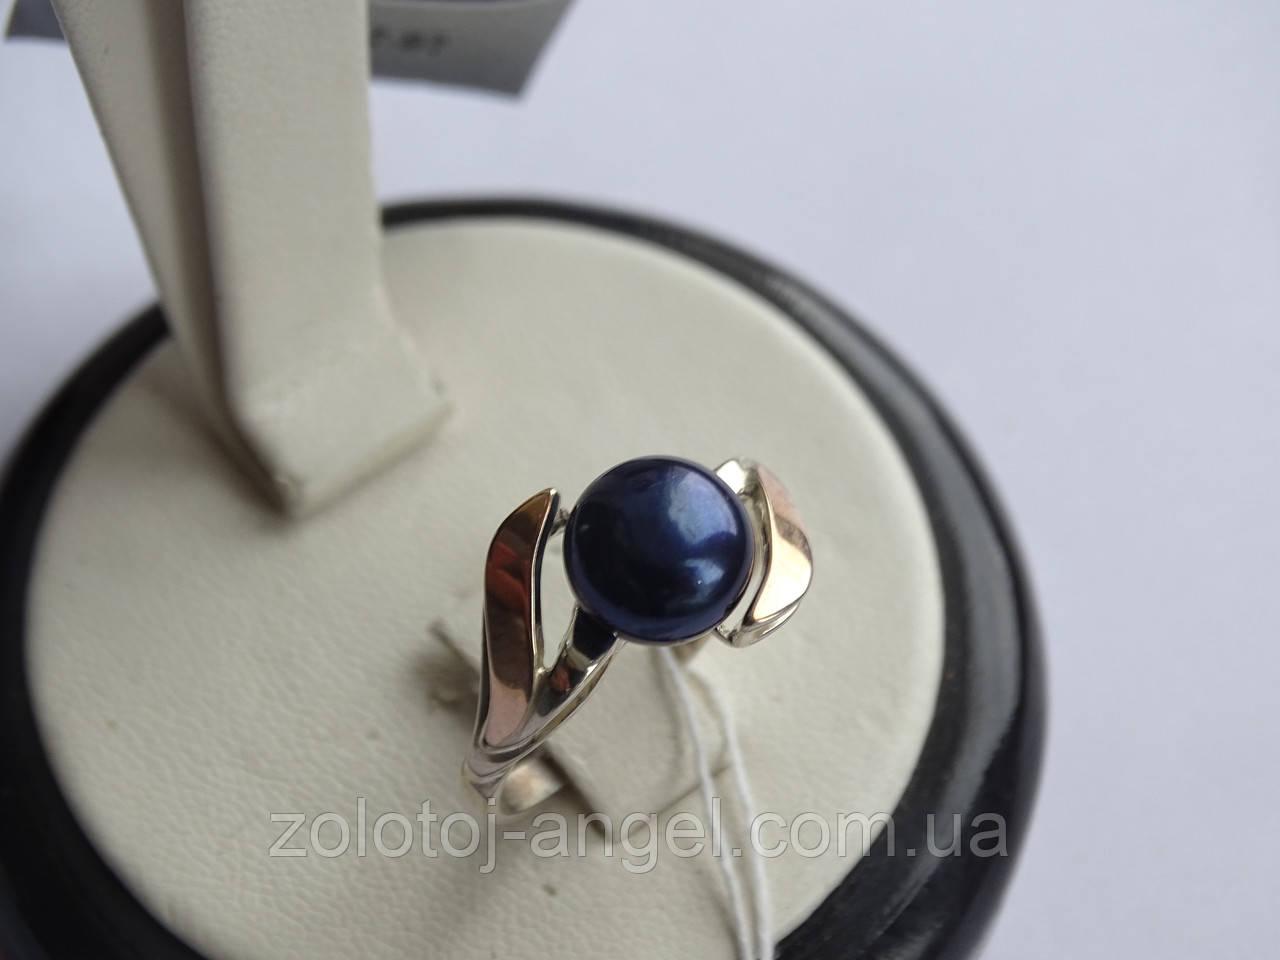 Кольцо серебряное с золотой вставкой и культивированным черным жемчугом